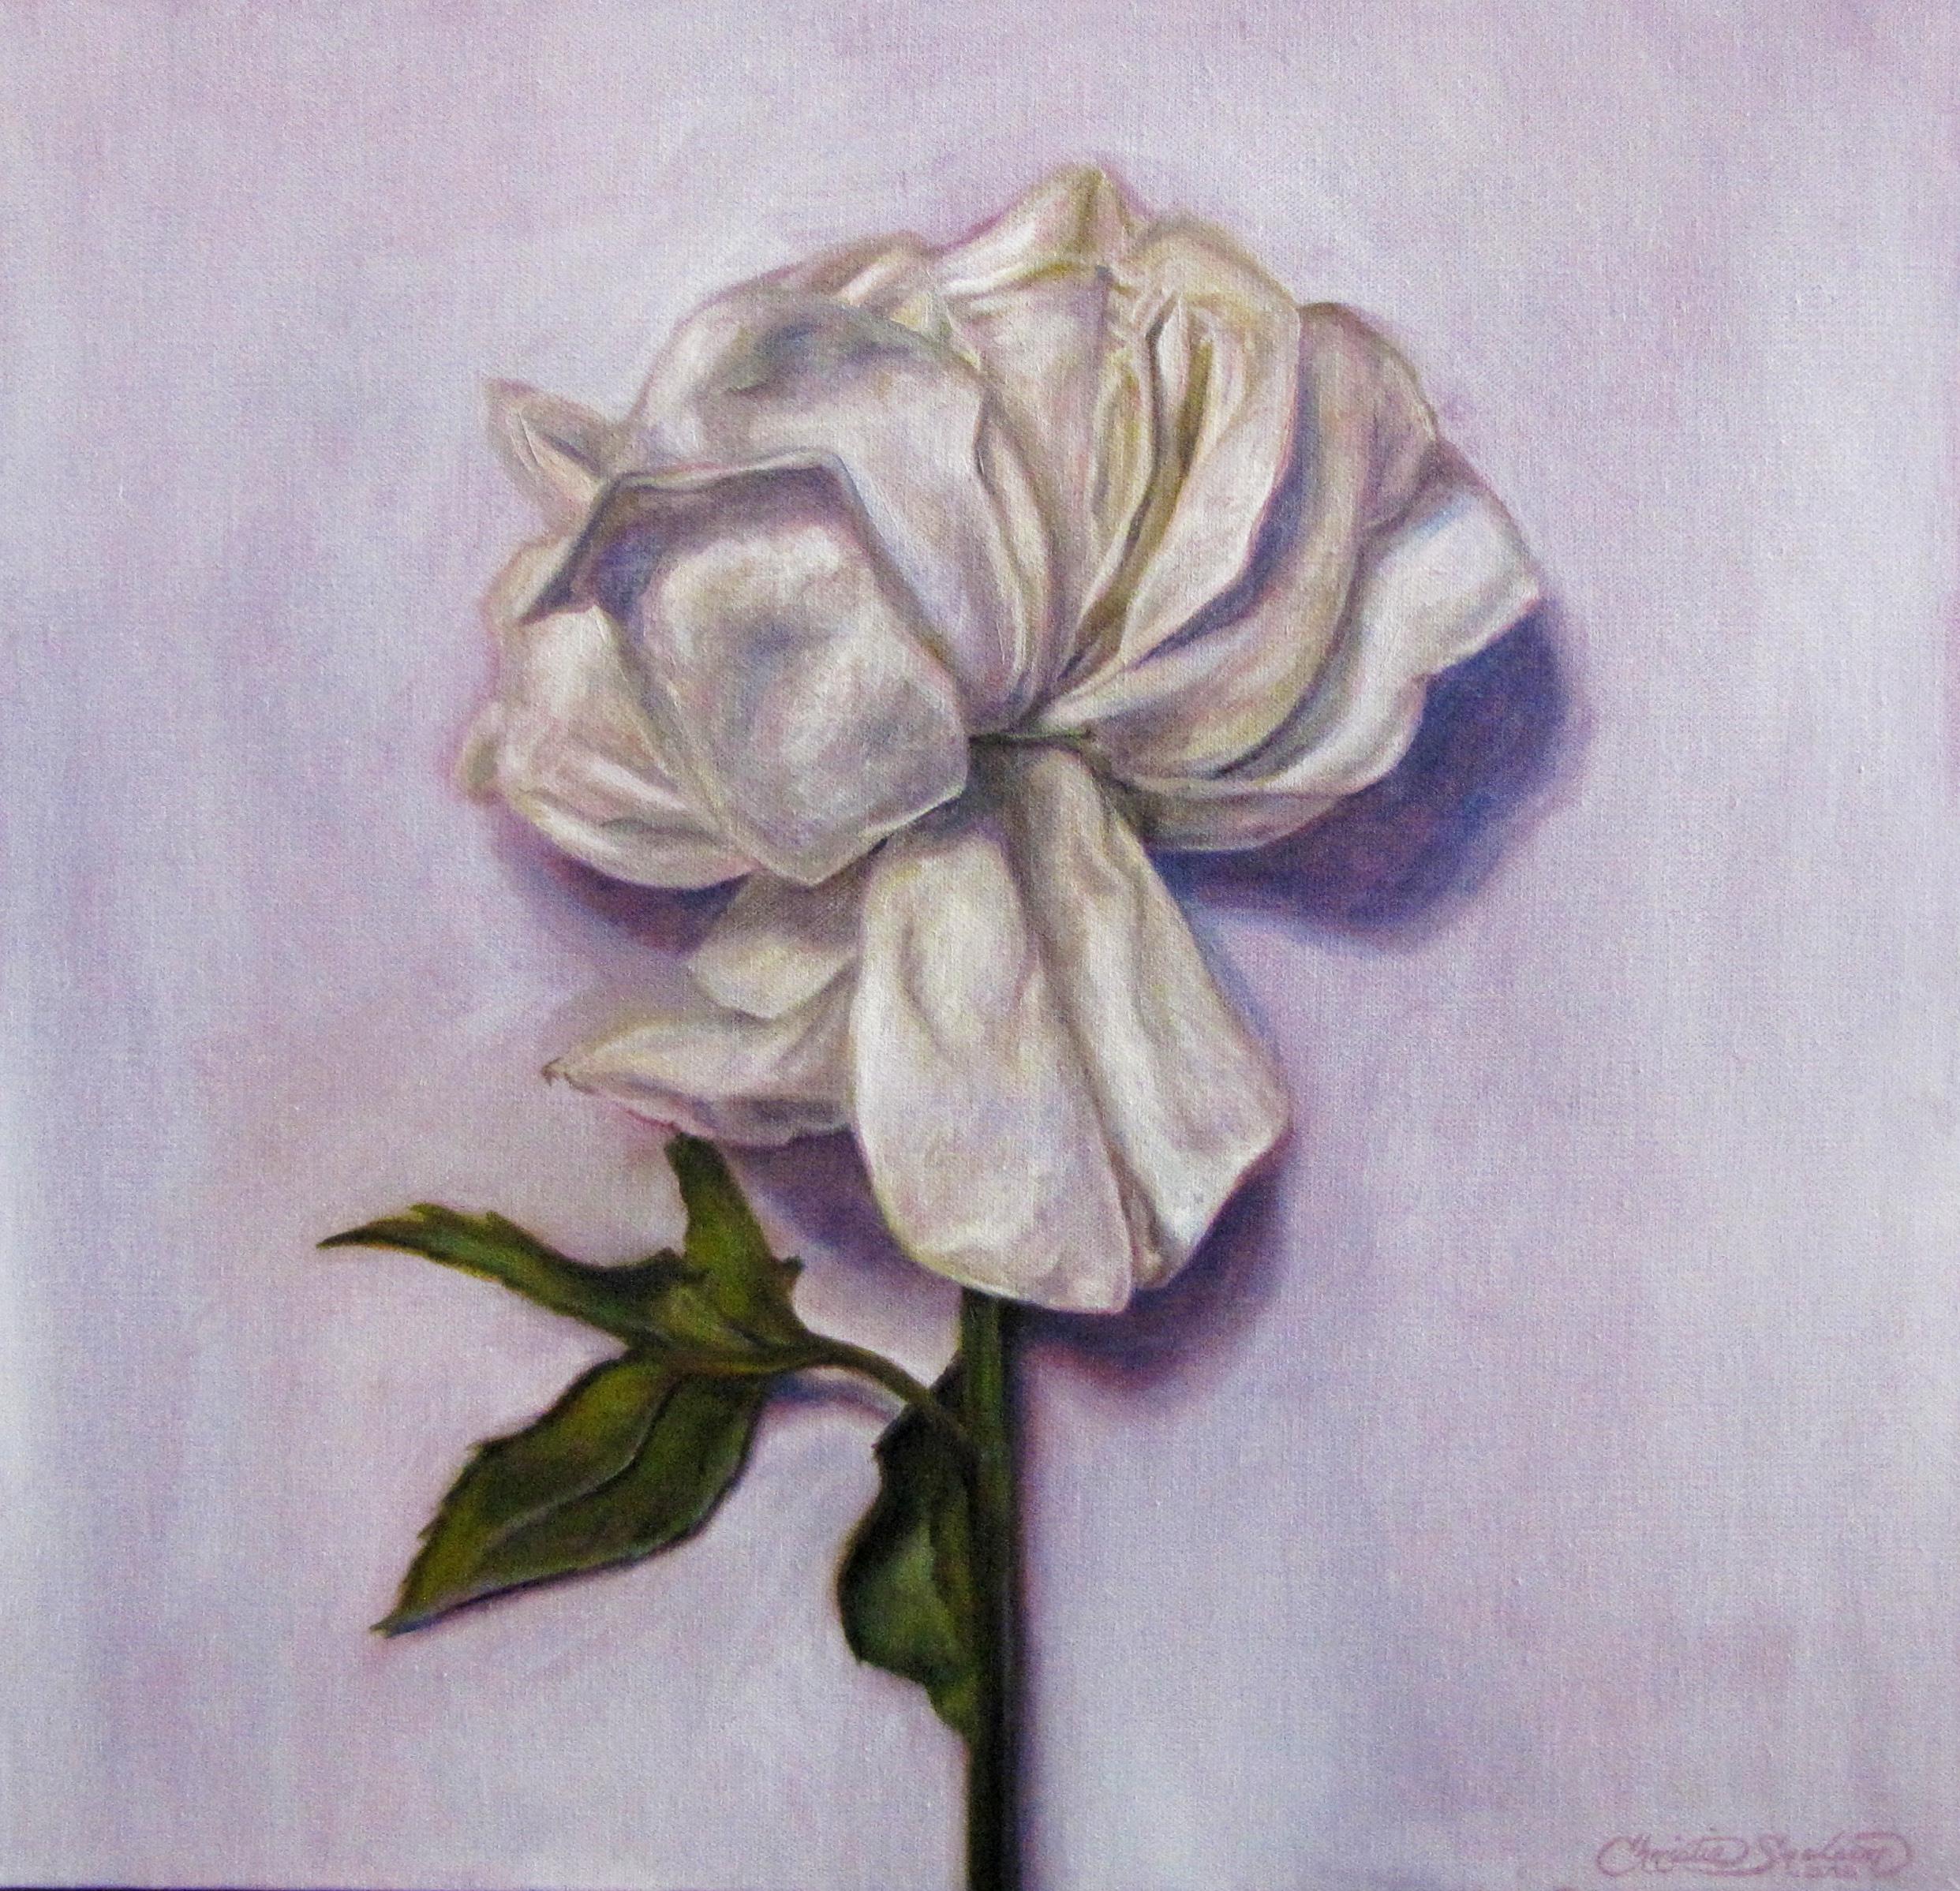 Flower2_Christie Snelson.jpg